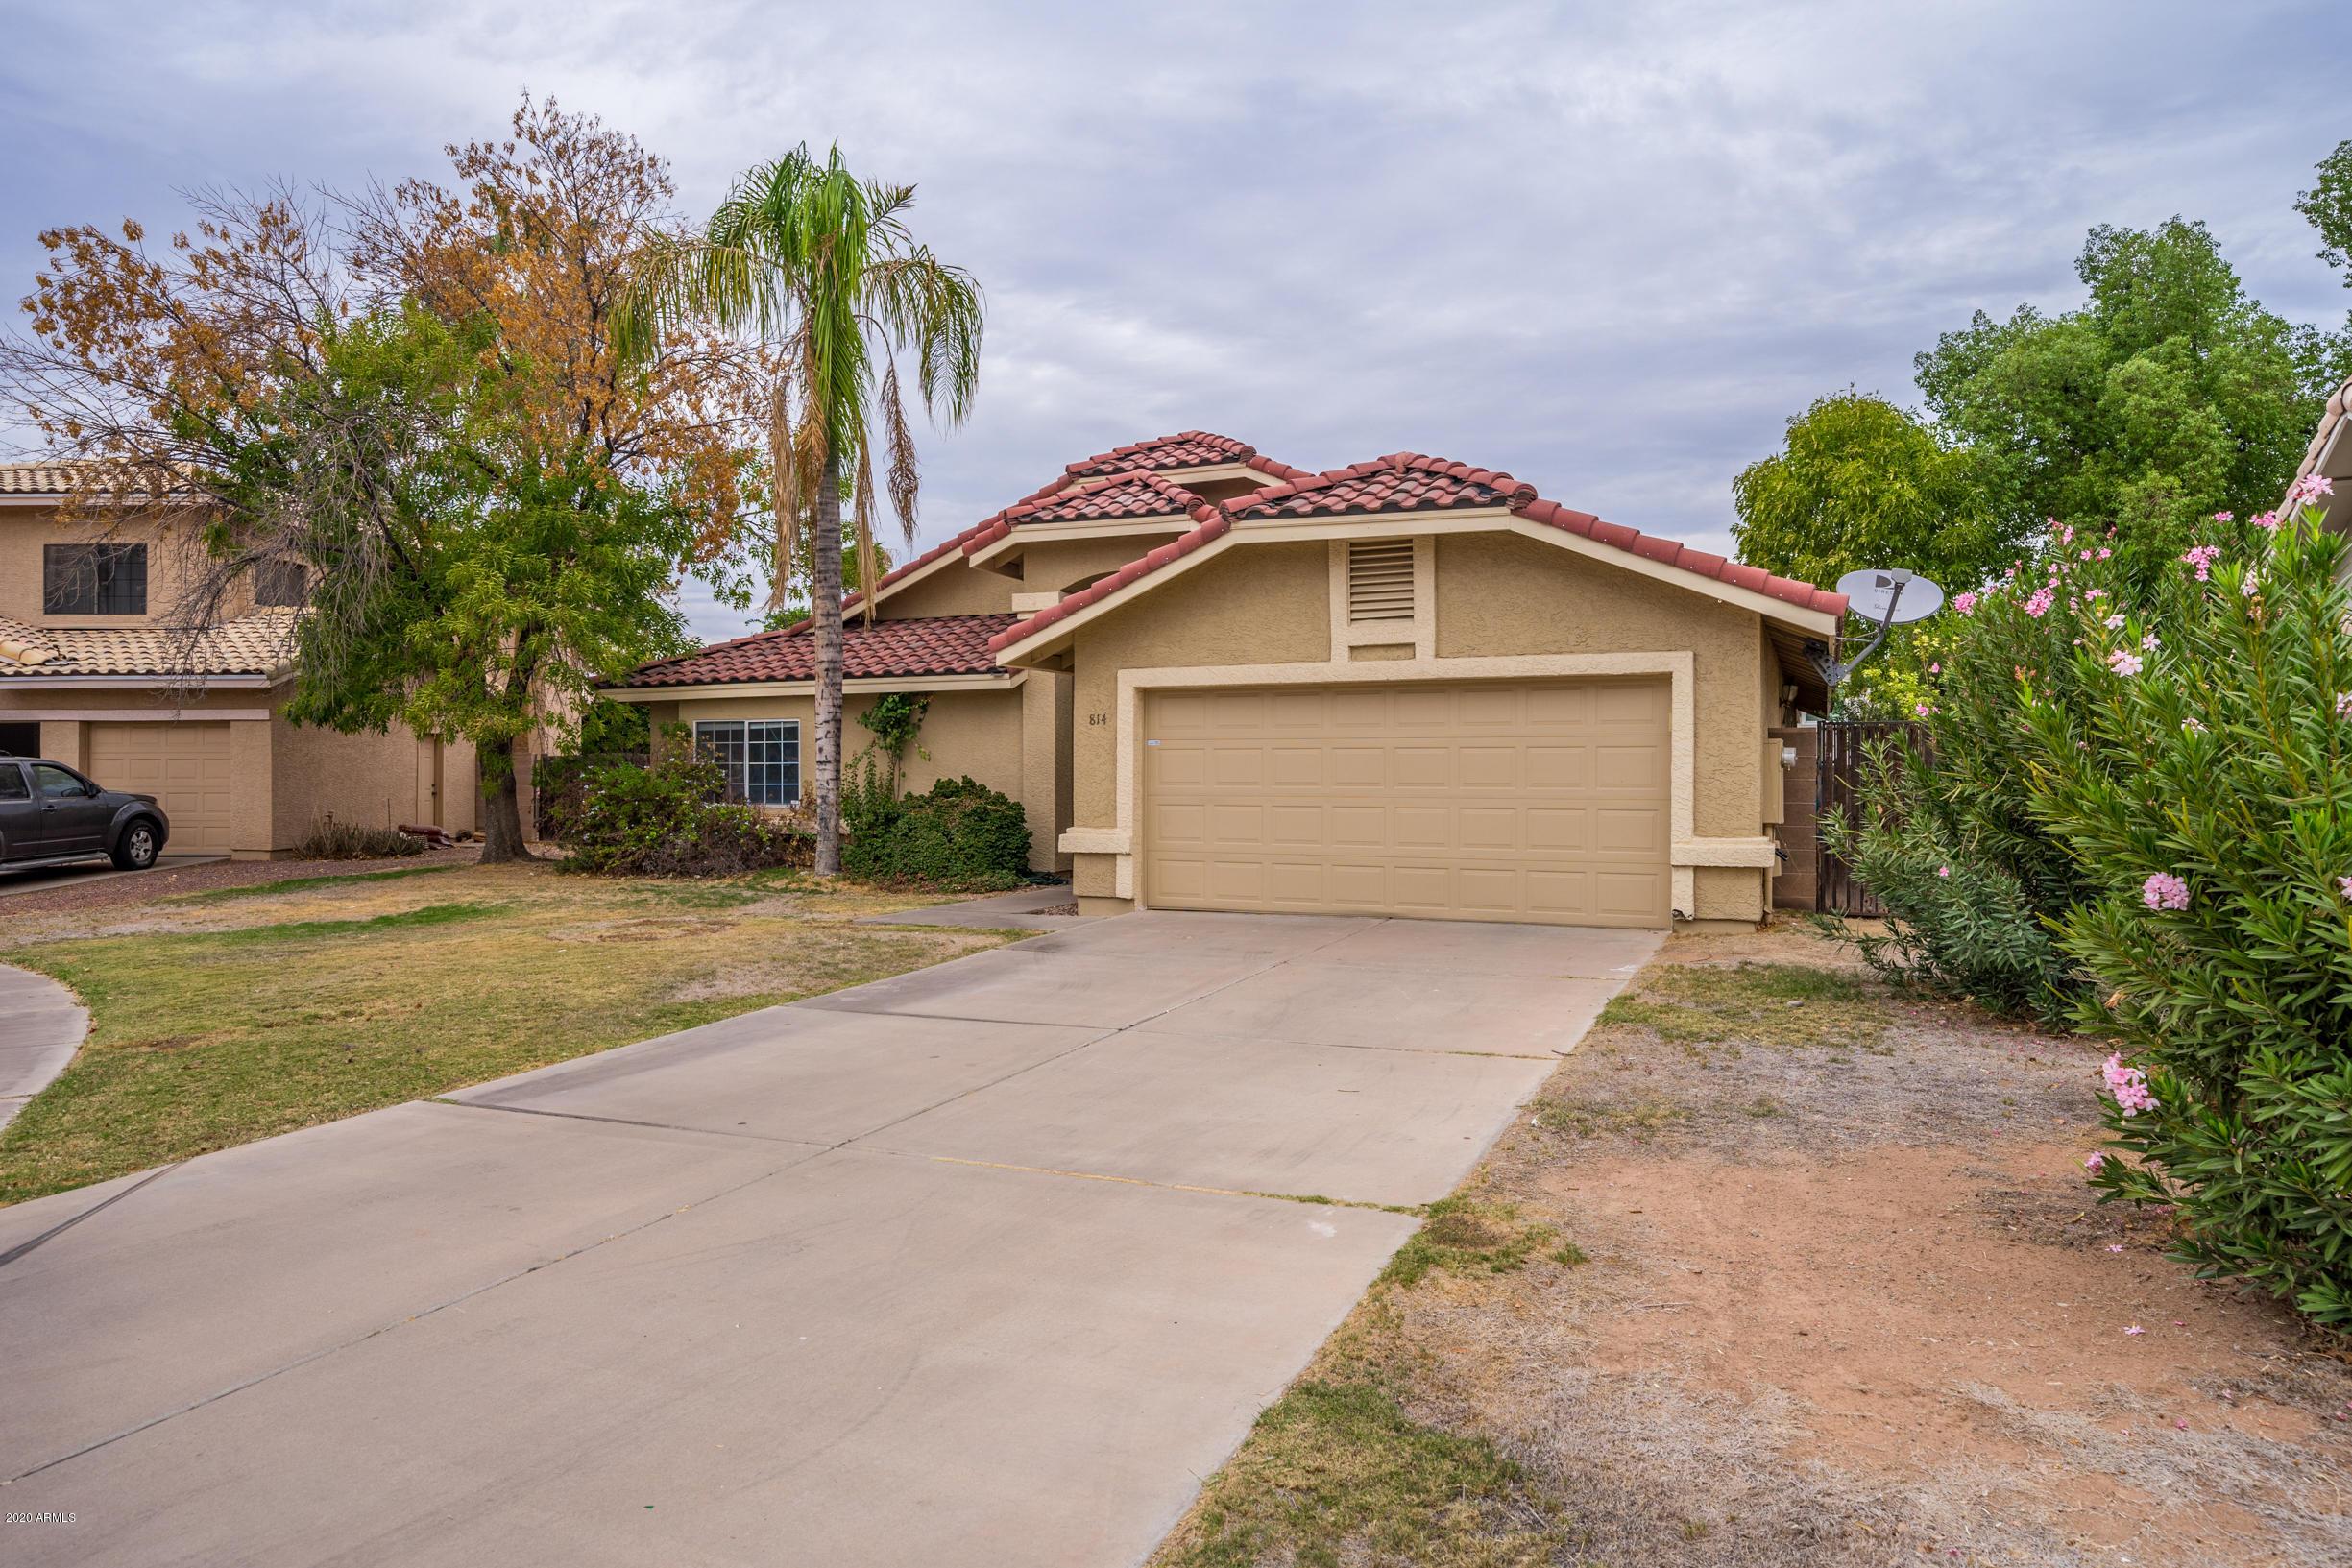 MLS 6158334 814 E Princeton Avenue, Gilbert, AZ 85234 Circle G